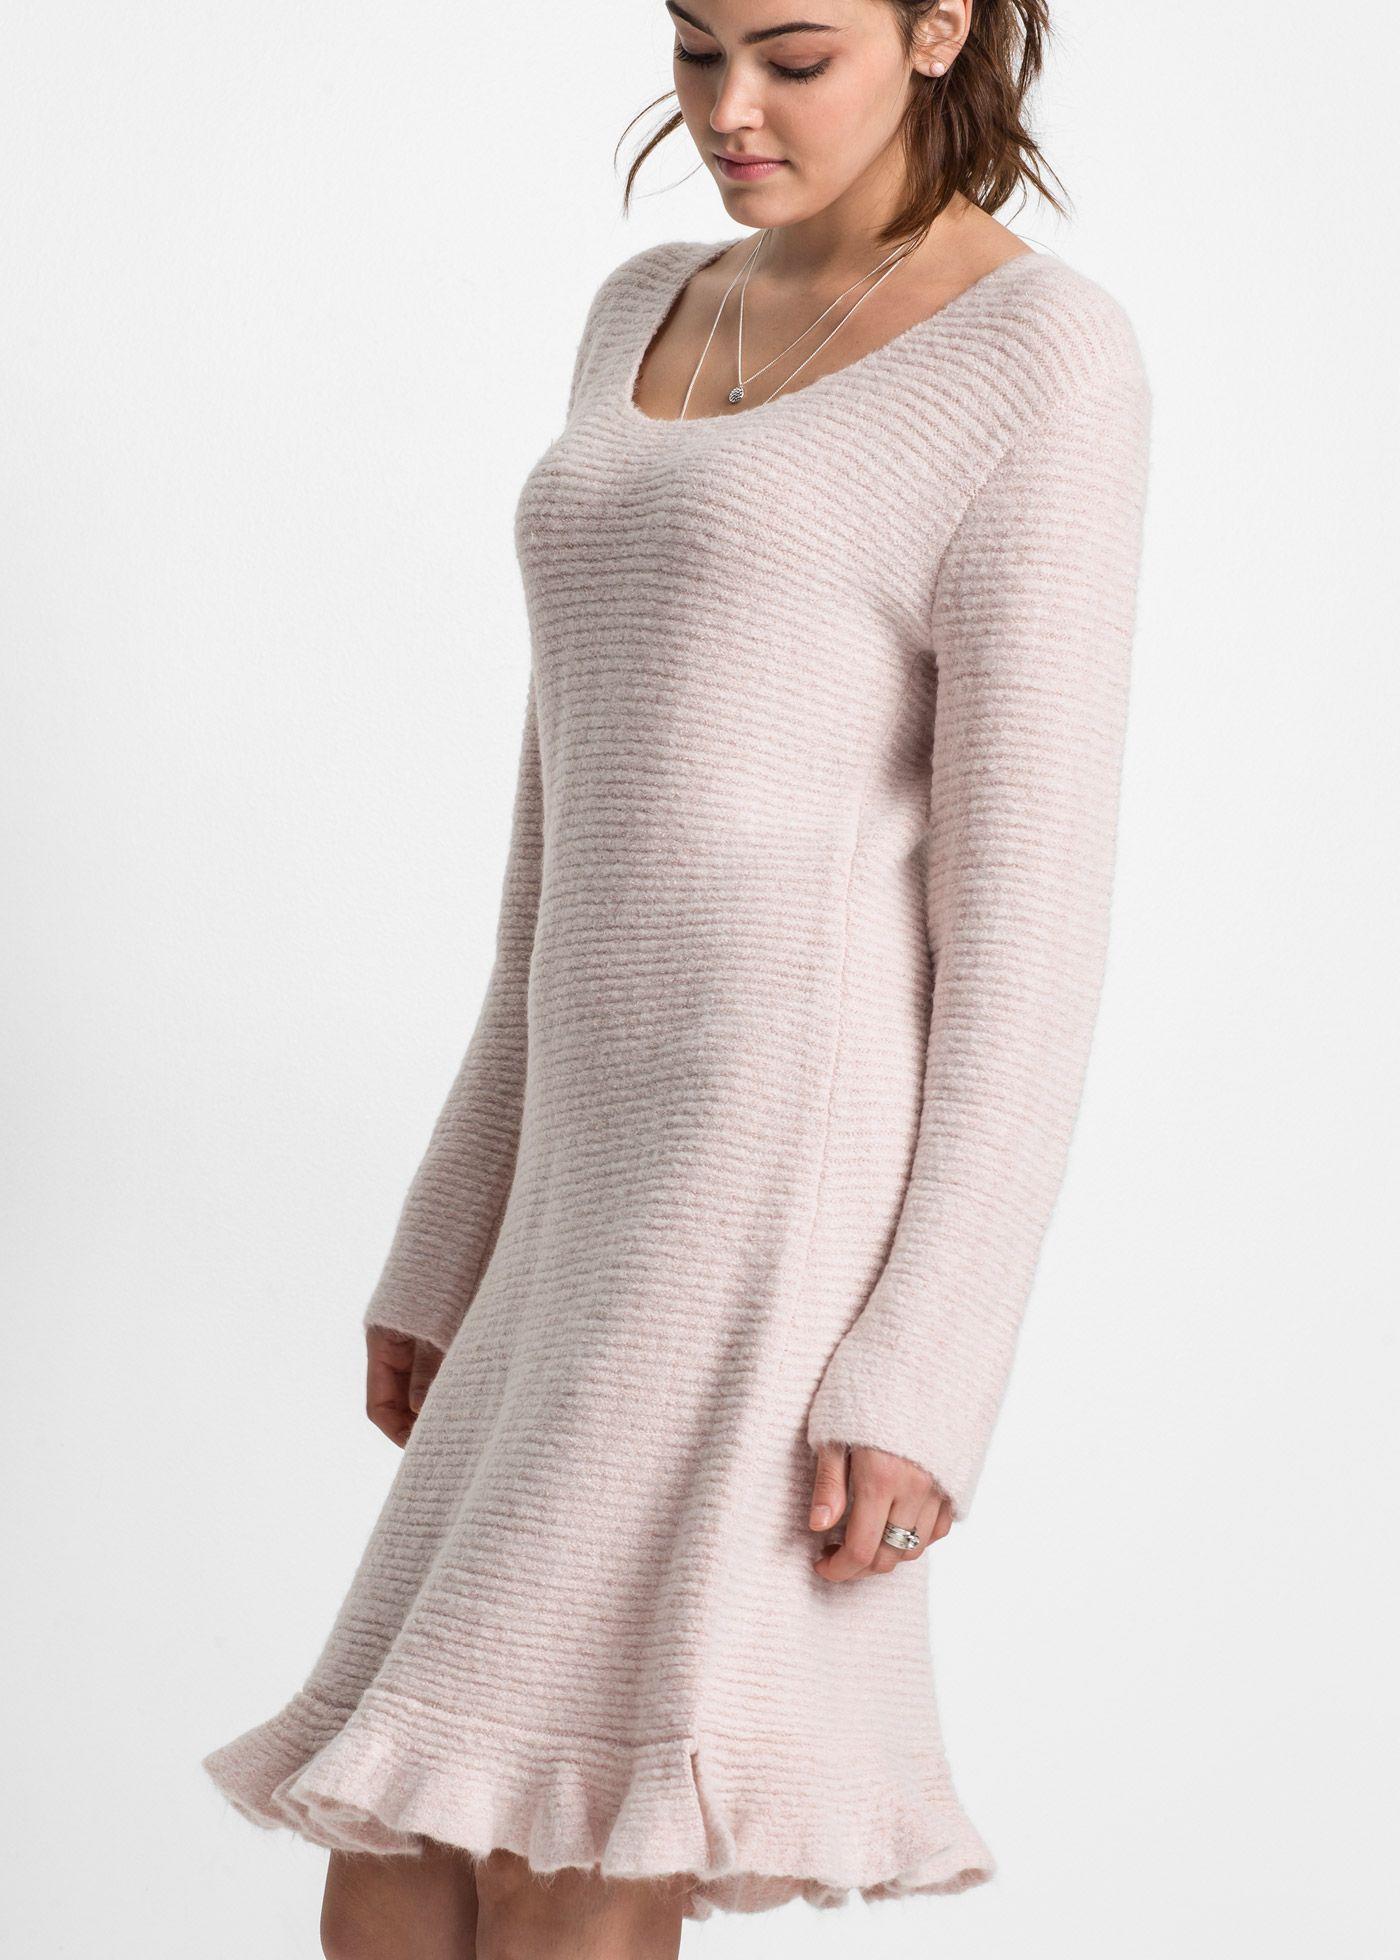 2db81b09cea8 Pletené šaty s volánem růžová vintage - RAINBOW - bonprix.cz